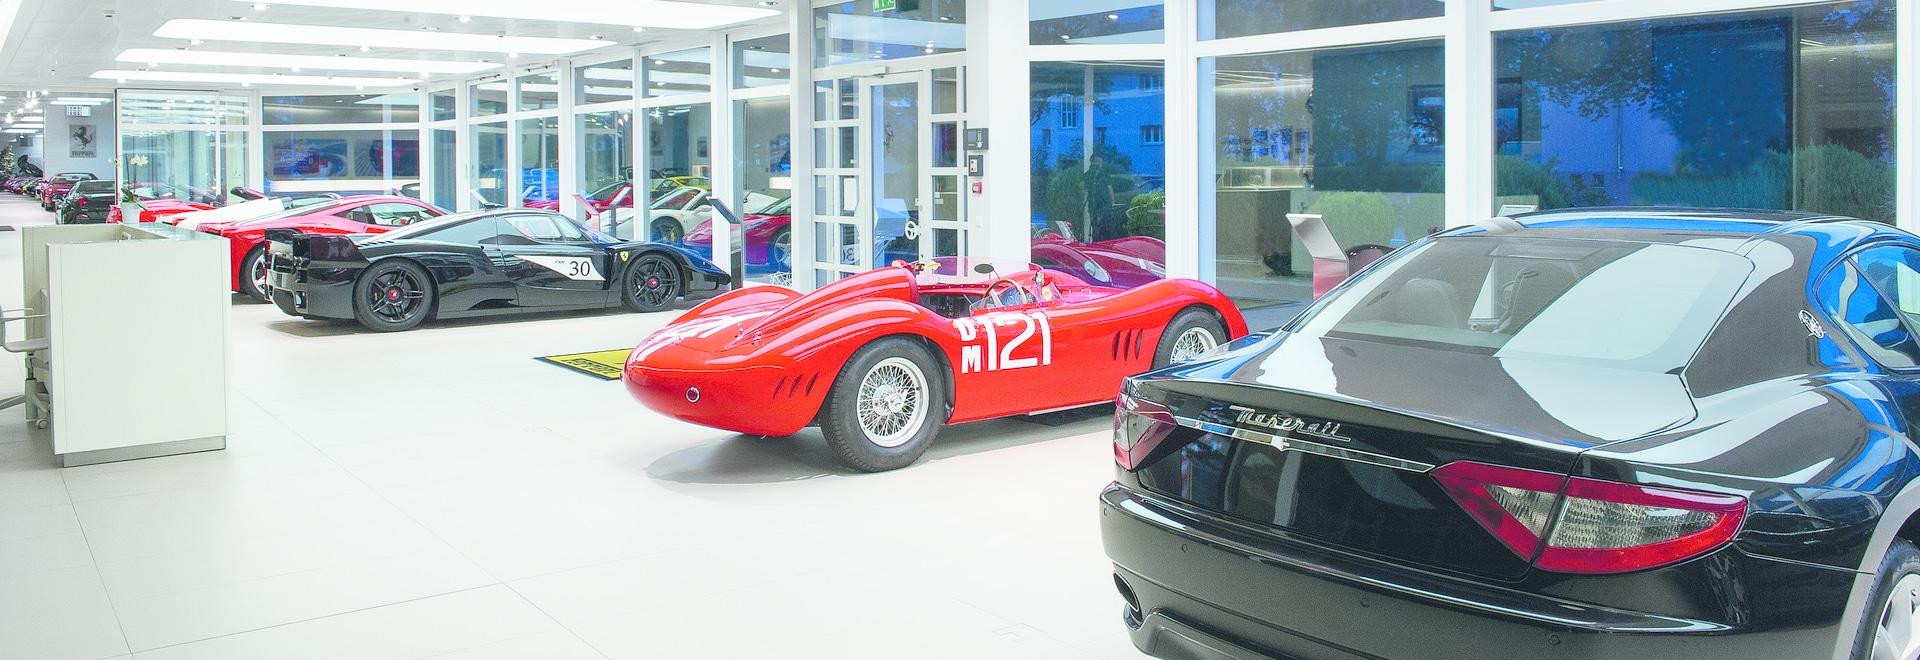 Zumtobel hebt glänzend erstklassigen Auto-Vertragshändler in Wallis hervor